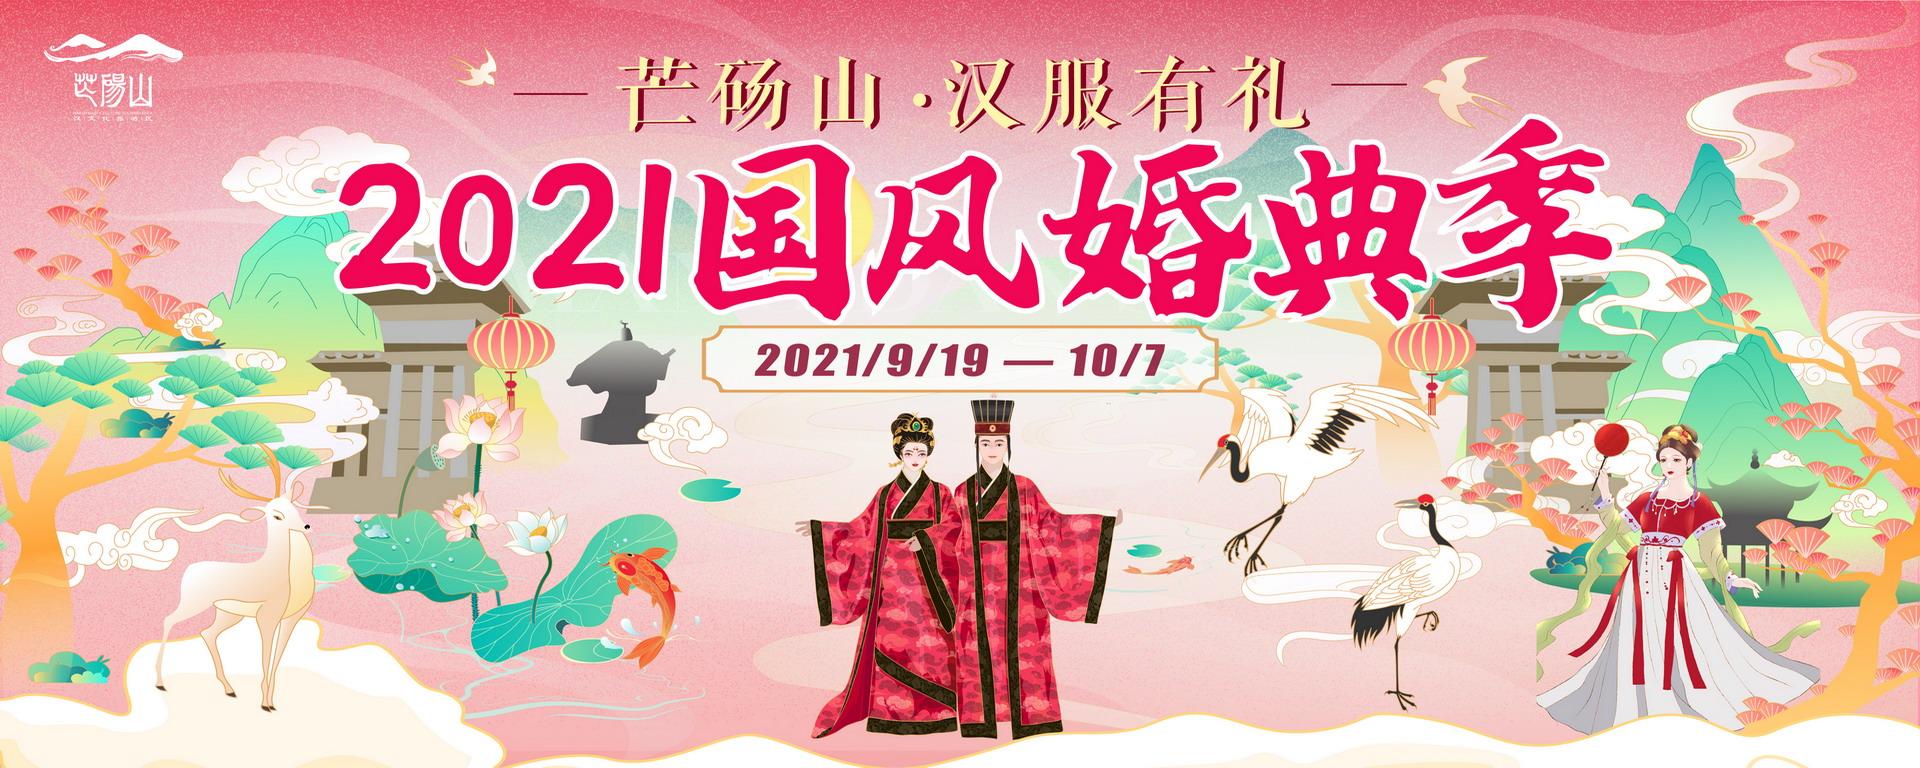 2021國慶節漢婚禮活動